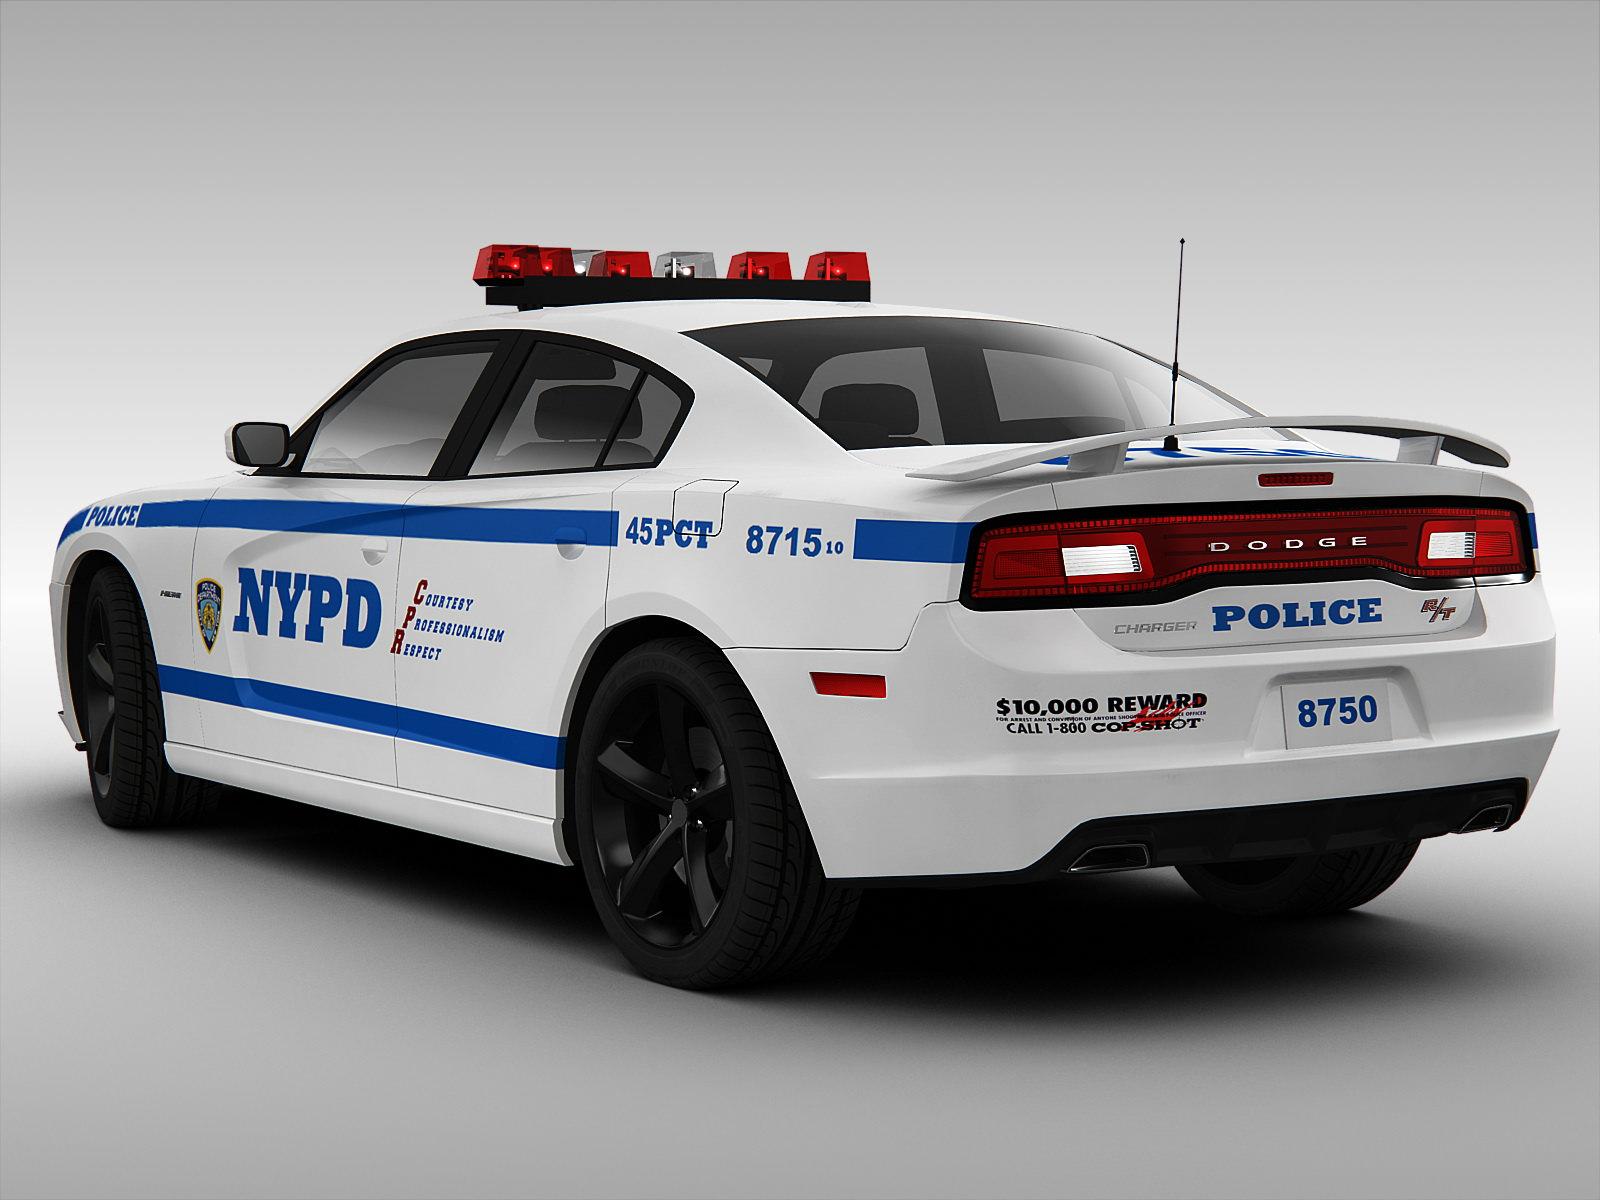 dodge charger nypd police car 2013 3d model max obj 3ds fbx. Black Bedroom Furniture Sets. Home Design Ideas